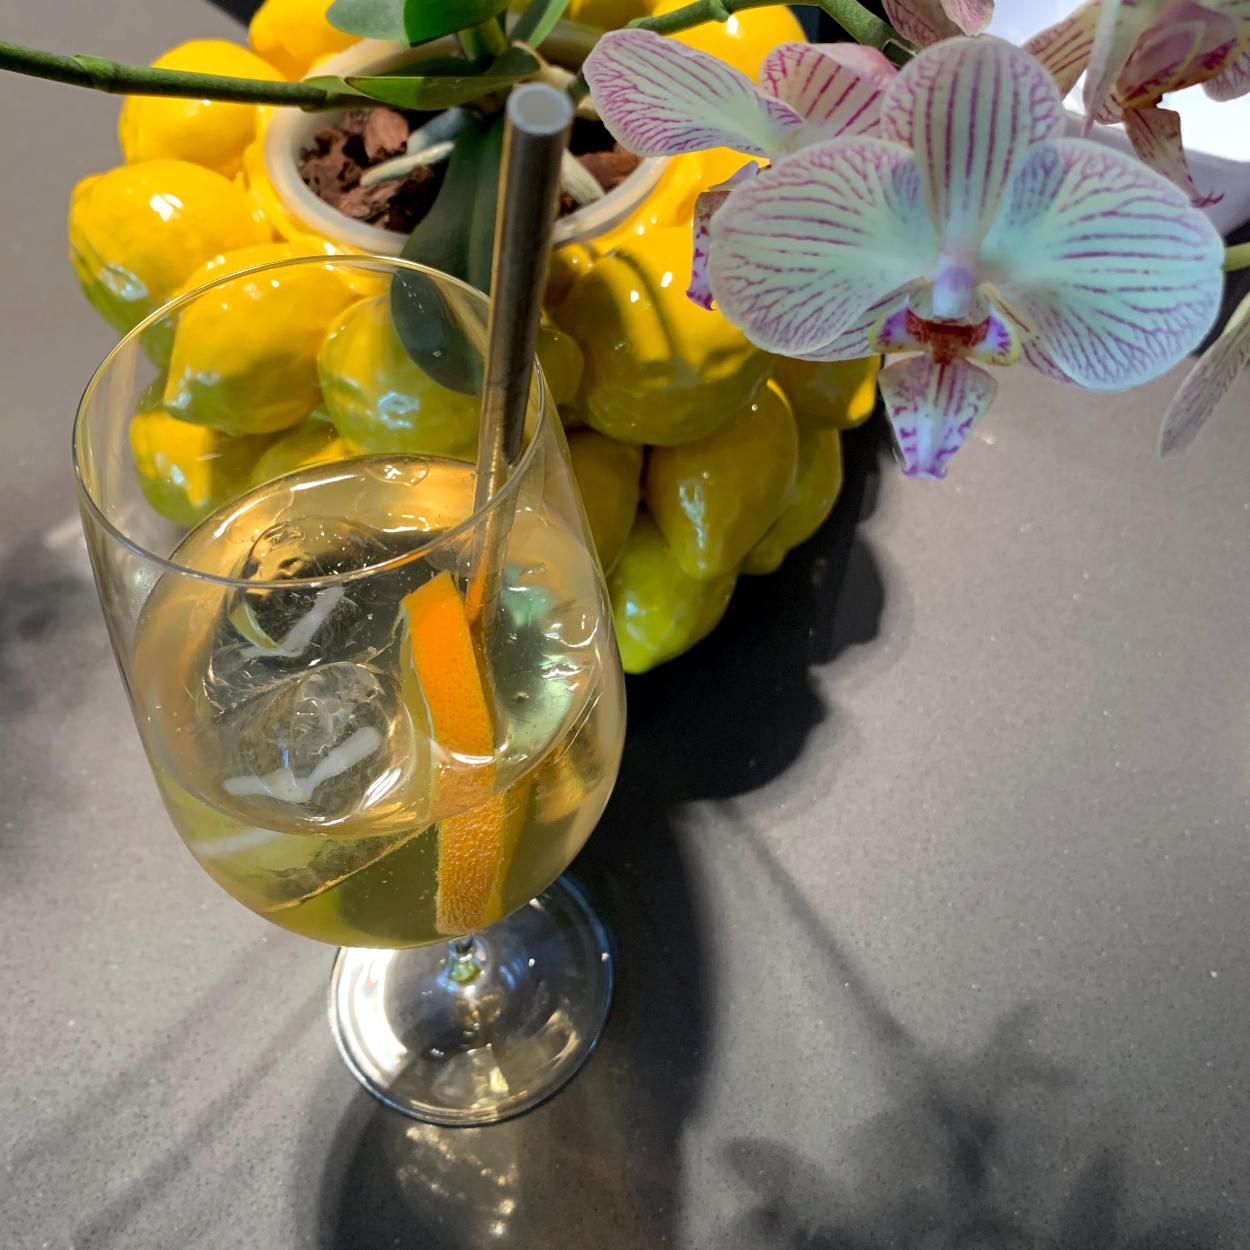 Weinglas mit heller Flüssigkeit, Eiswürfeln, Orangenscheibe, daneben eine Orchidee